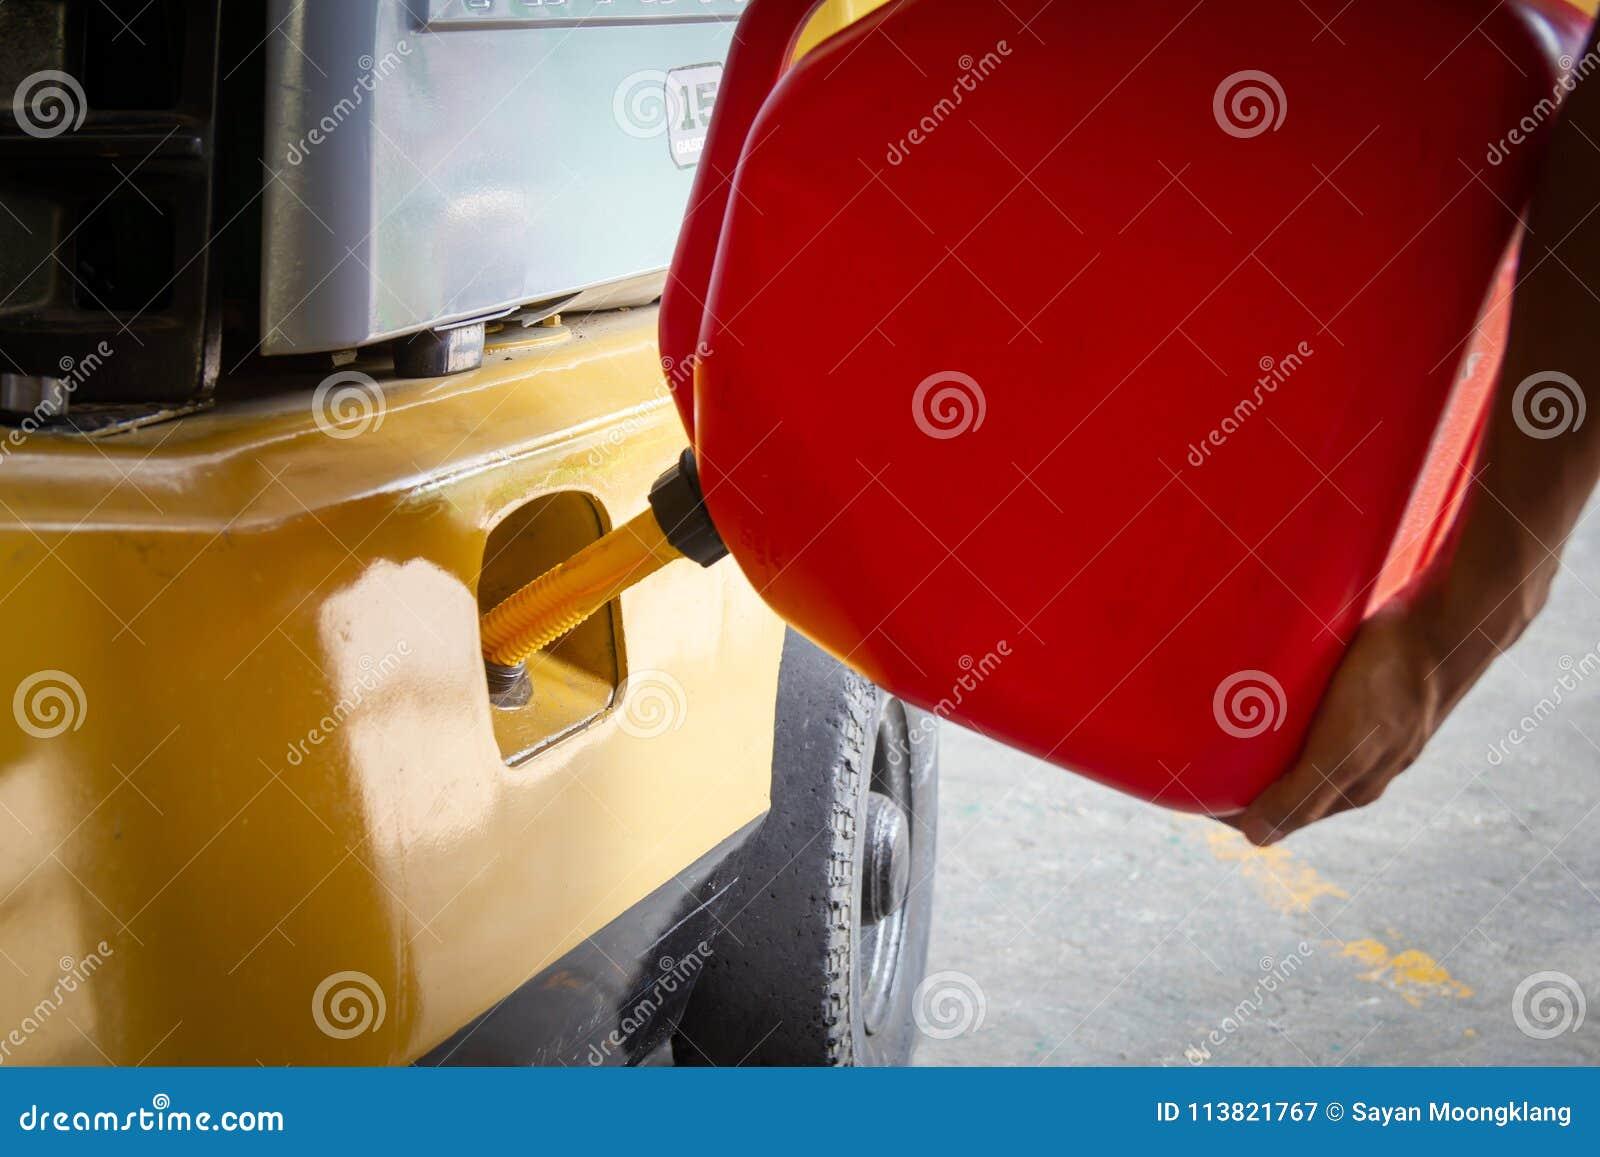 Reaprovisionamiento de combustible usando un tanque del galón para una carretilla elevadora o una máquina